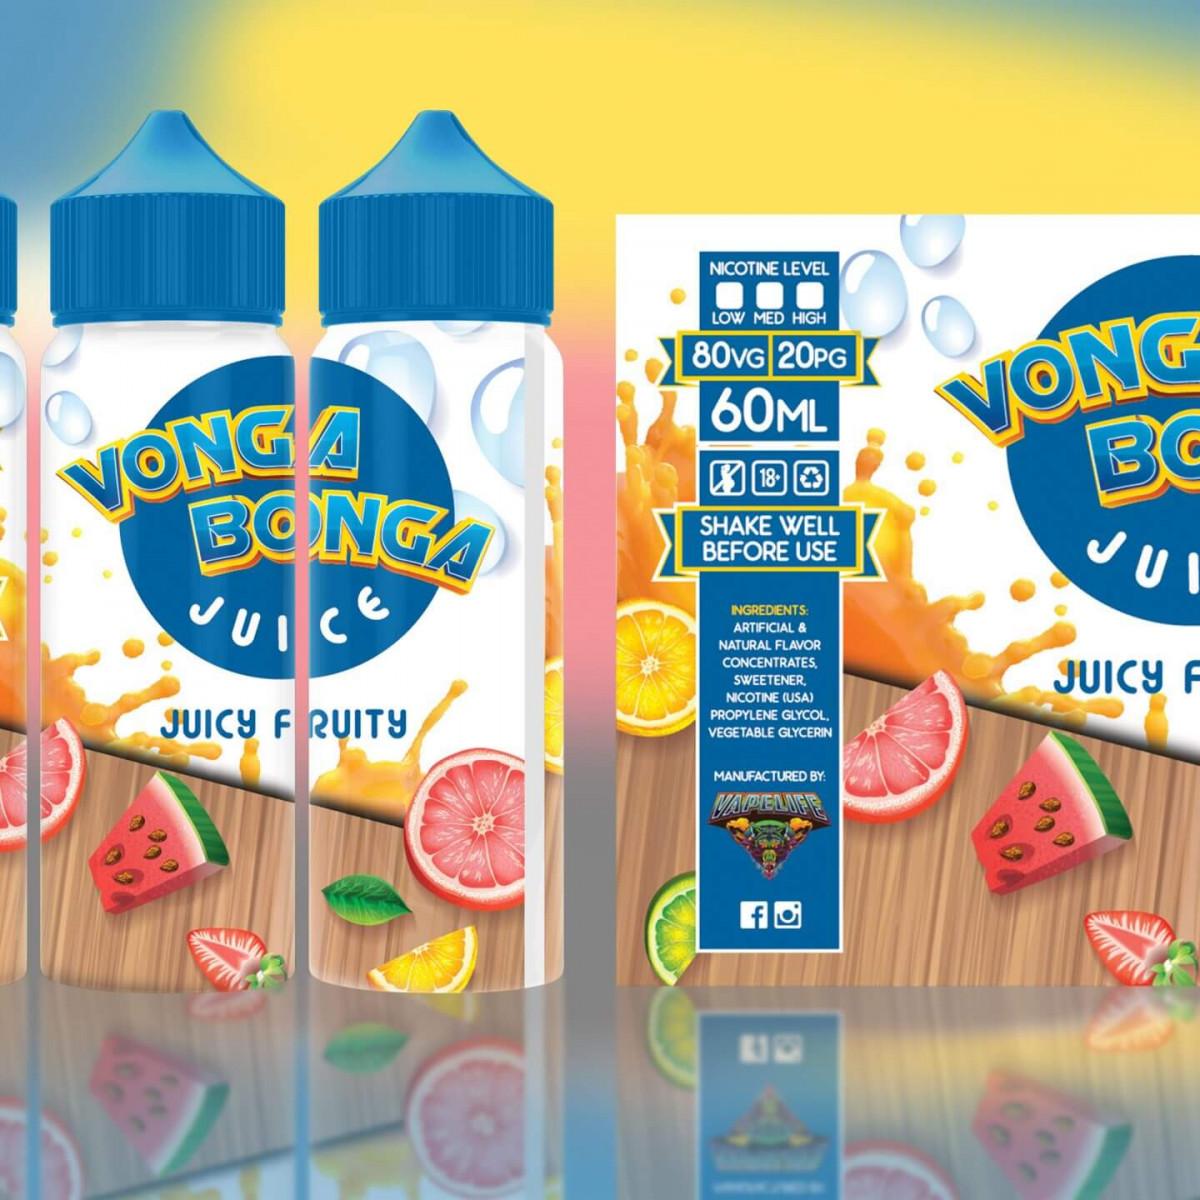 Vonga-Bonga-Juice